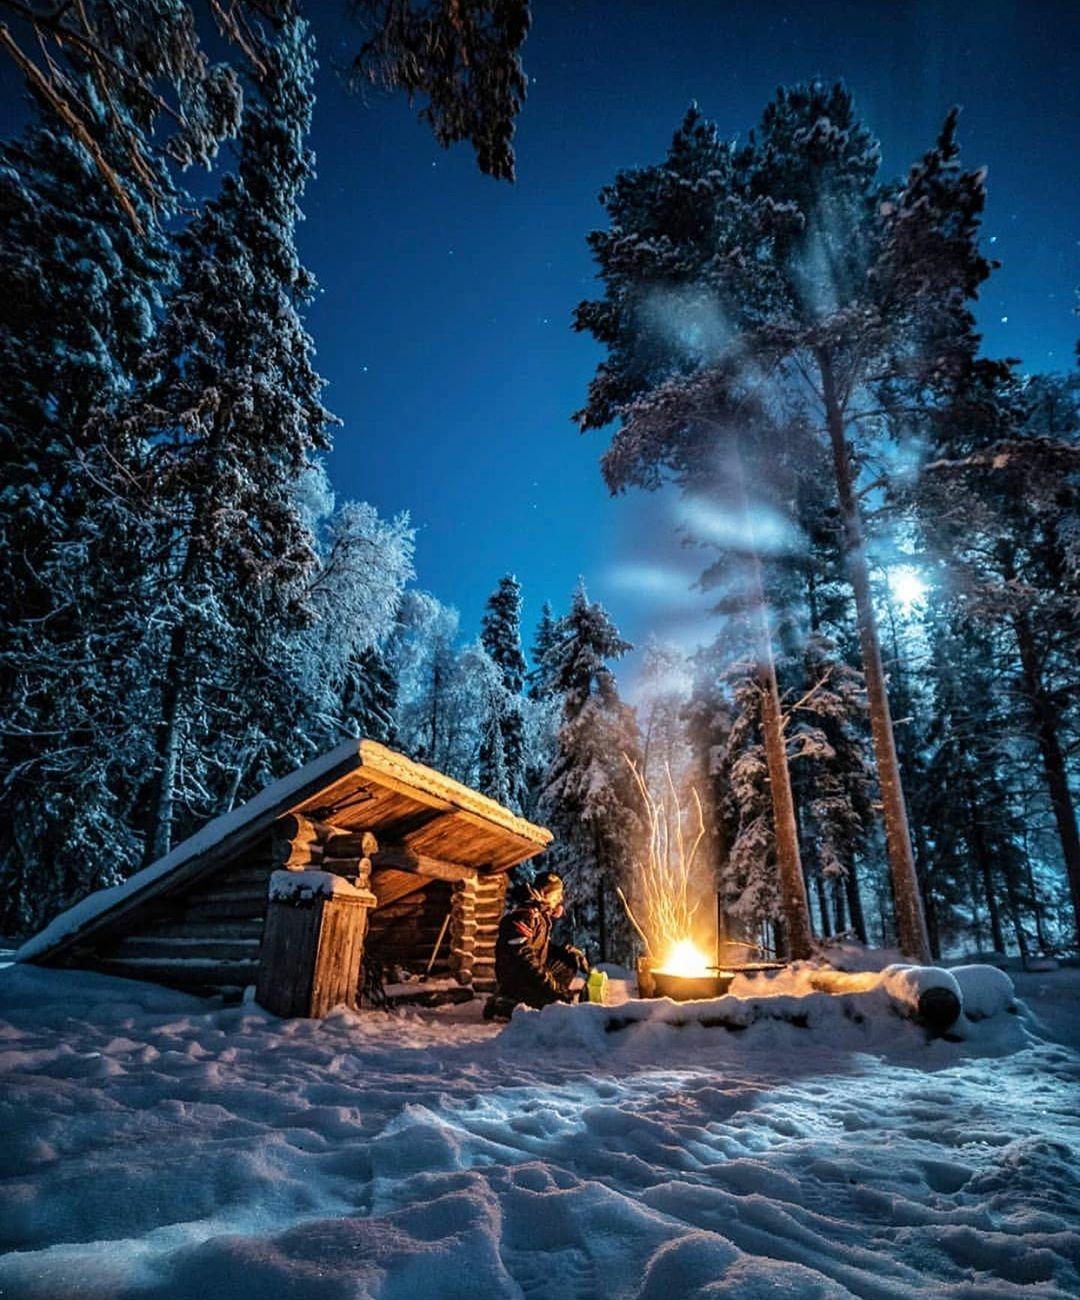 man tending fire near shelter